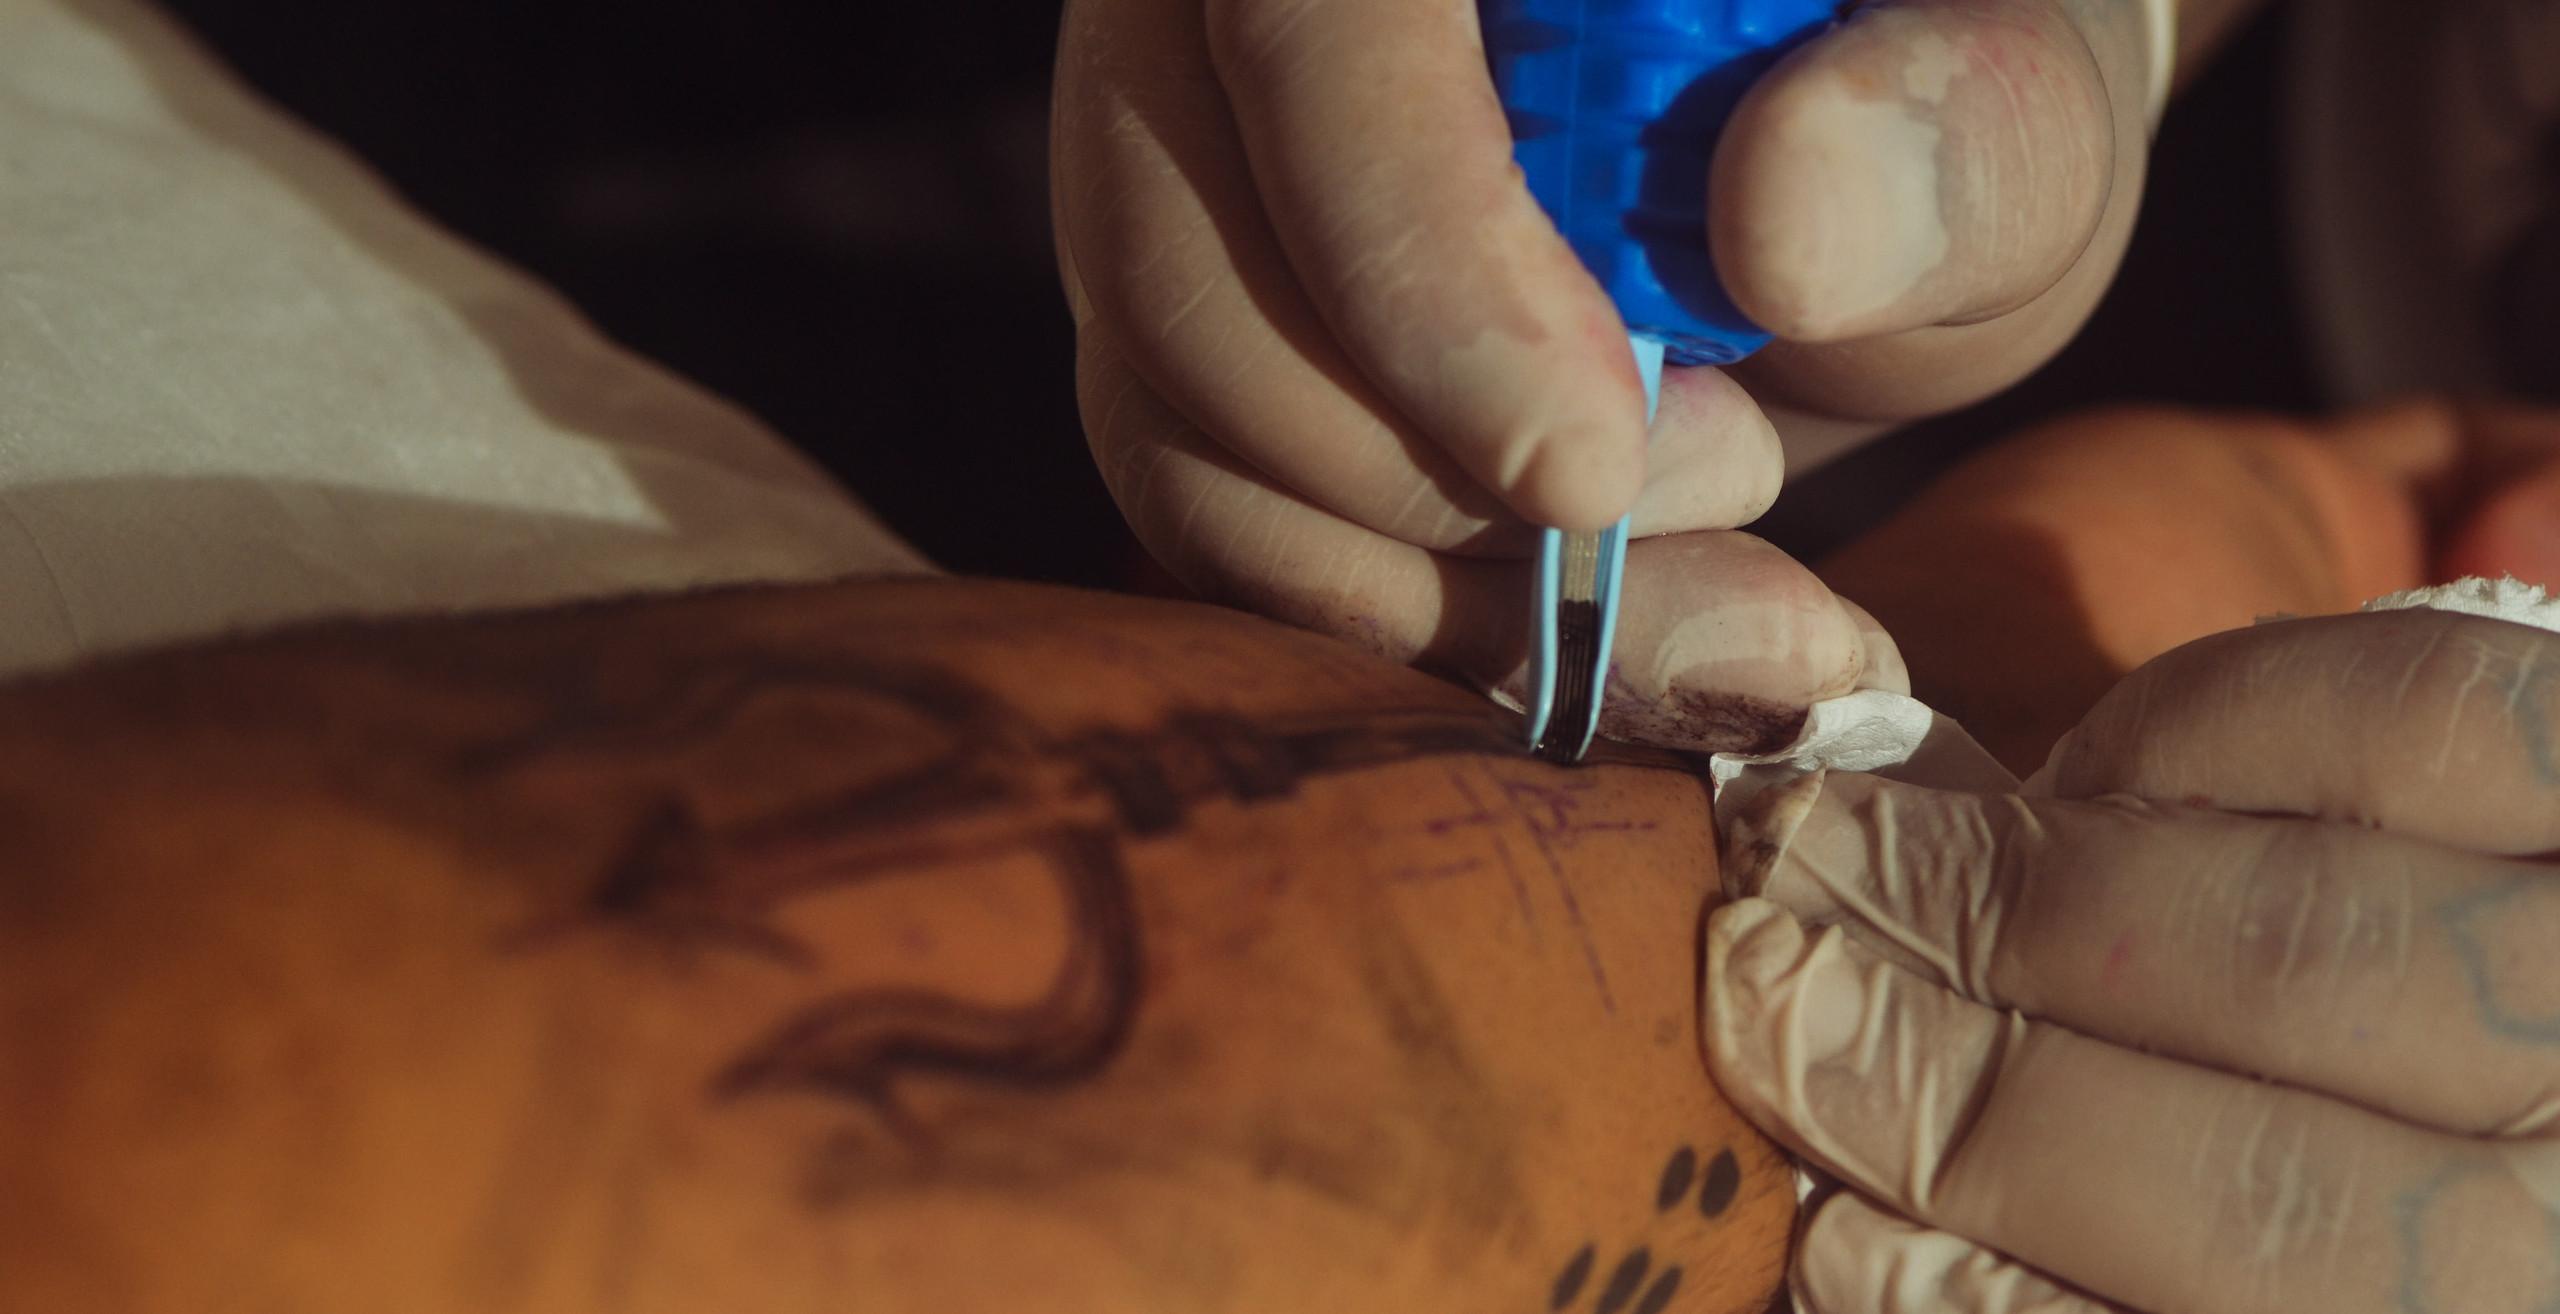 O artista não apenas desenha, mas determina a velocidade da agulha para conseguir o melhor resultado desejado. Foto: Estevão Barbosa